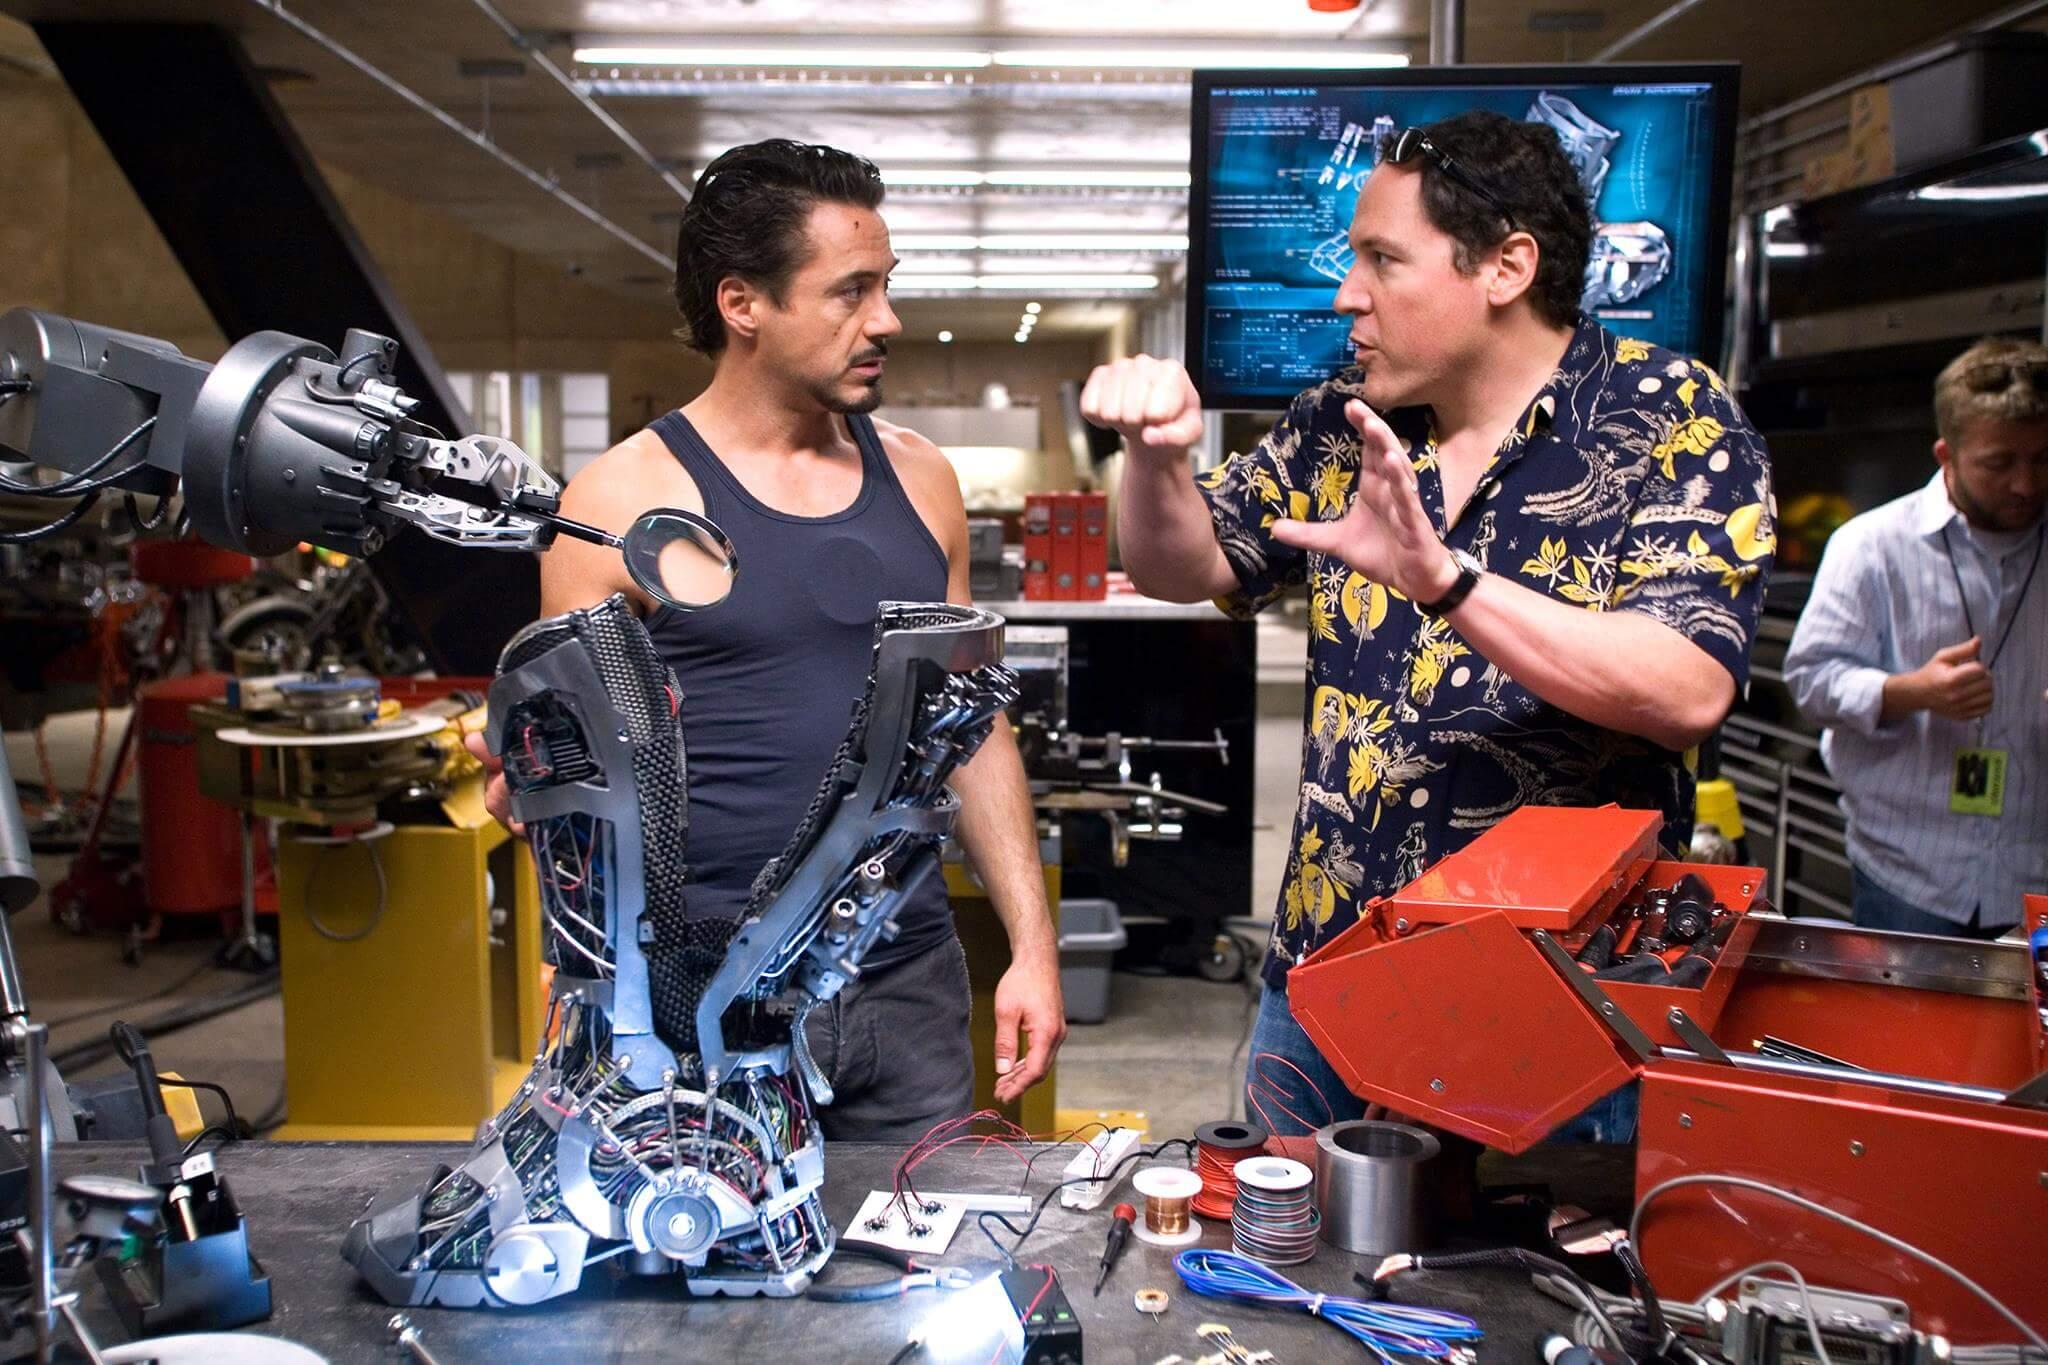 【復仇者聯盟】漫威電影十週年 《鋼鐵人》導演強˙法夫洛EW訪談 回顧漫威電影宇宙的光榮起點